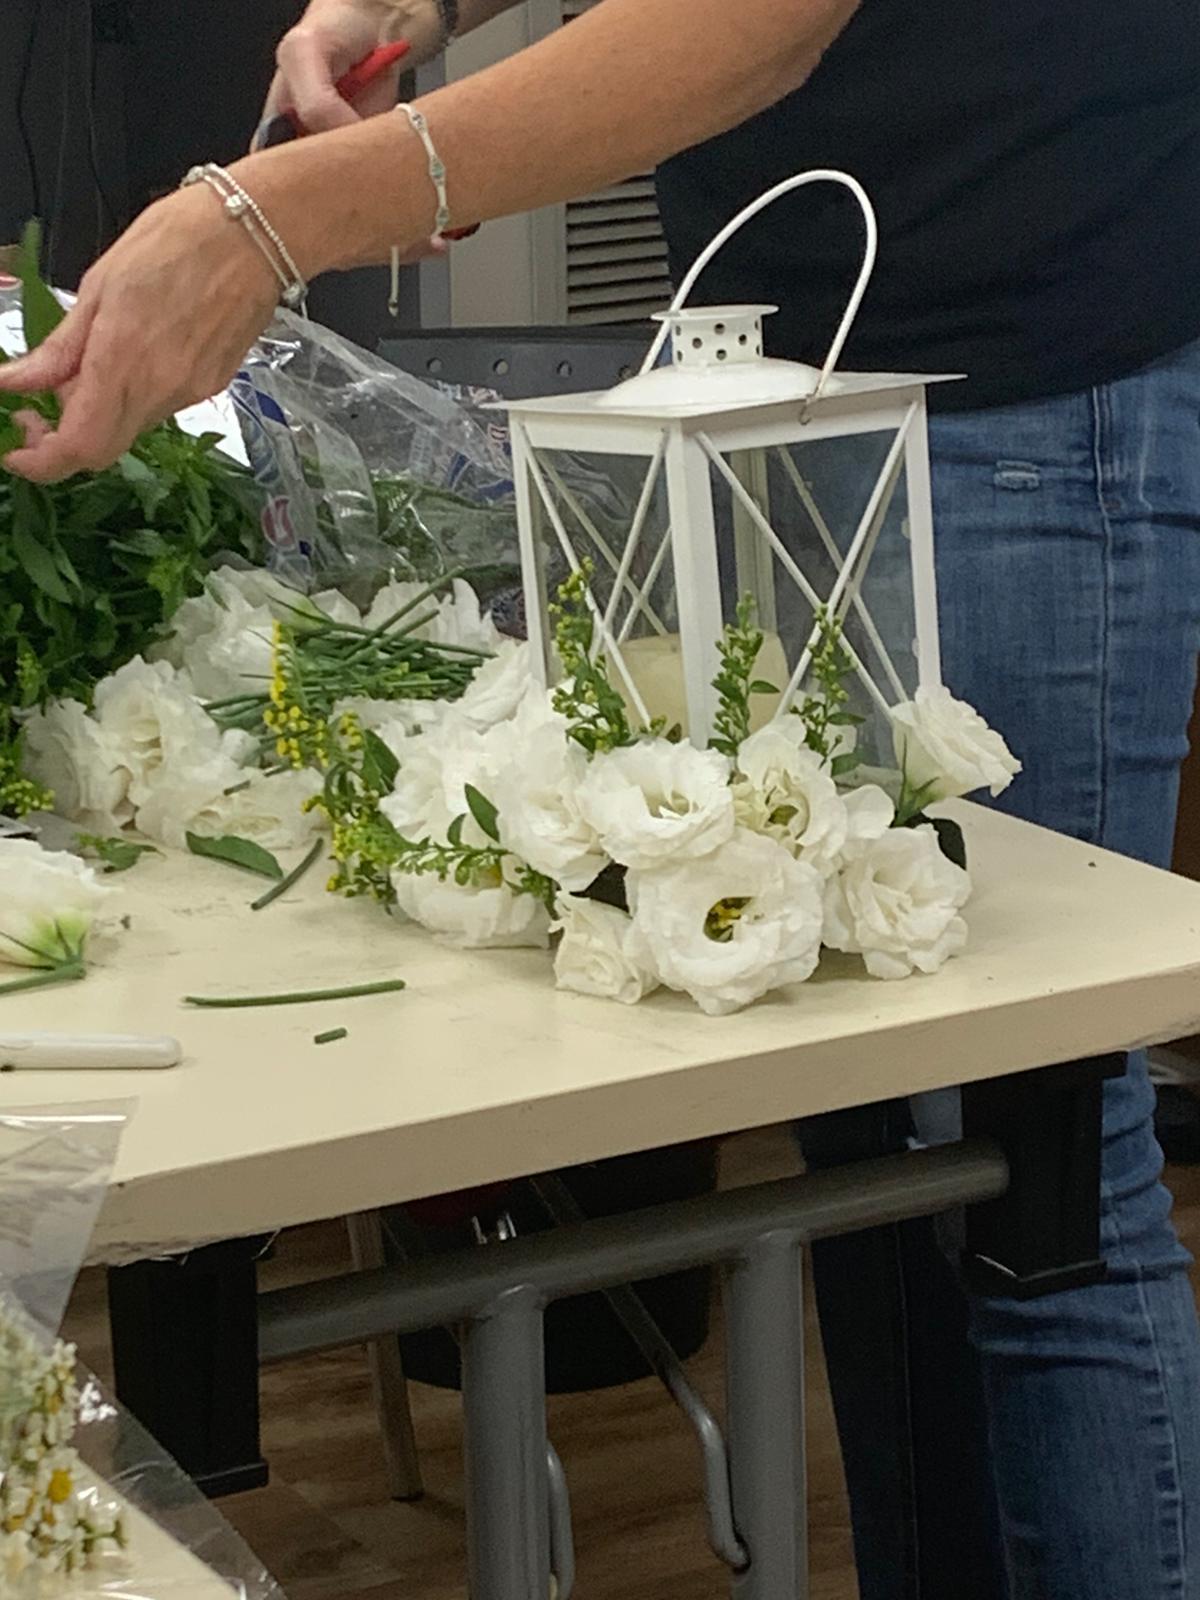 גלרייה - שיעור שזירת פרחים - קורס הפקת אירועים מחזור 24, 7 מתוך 35